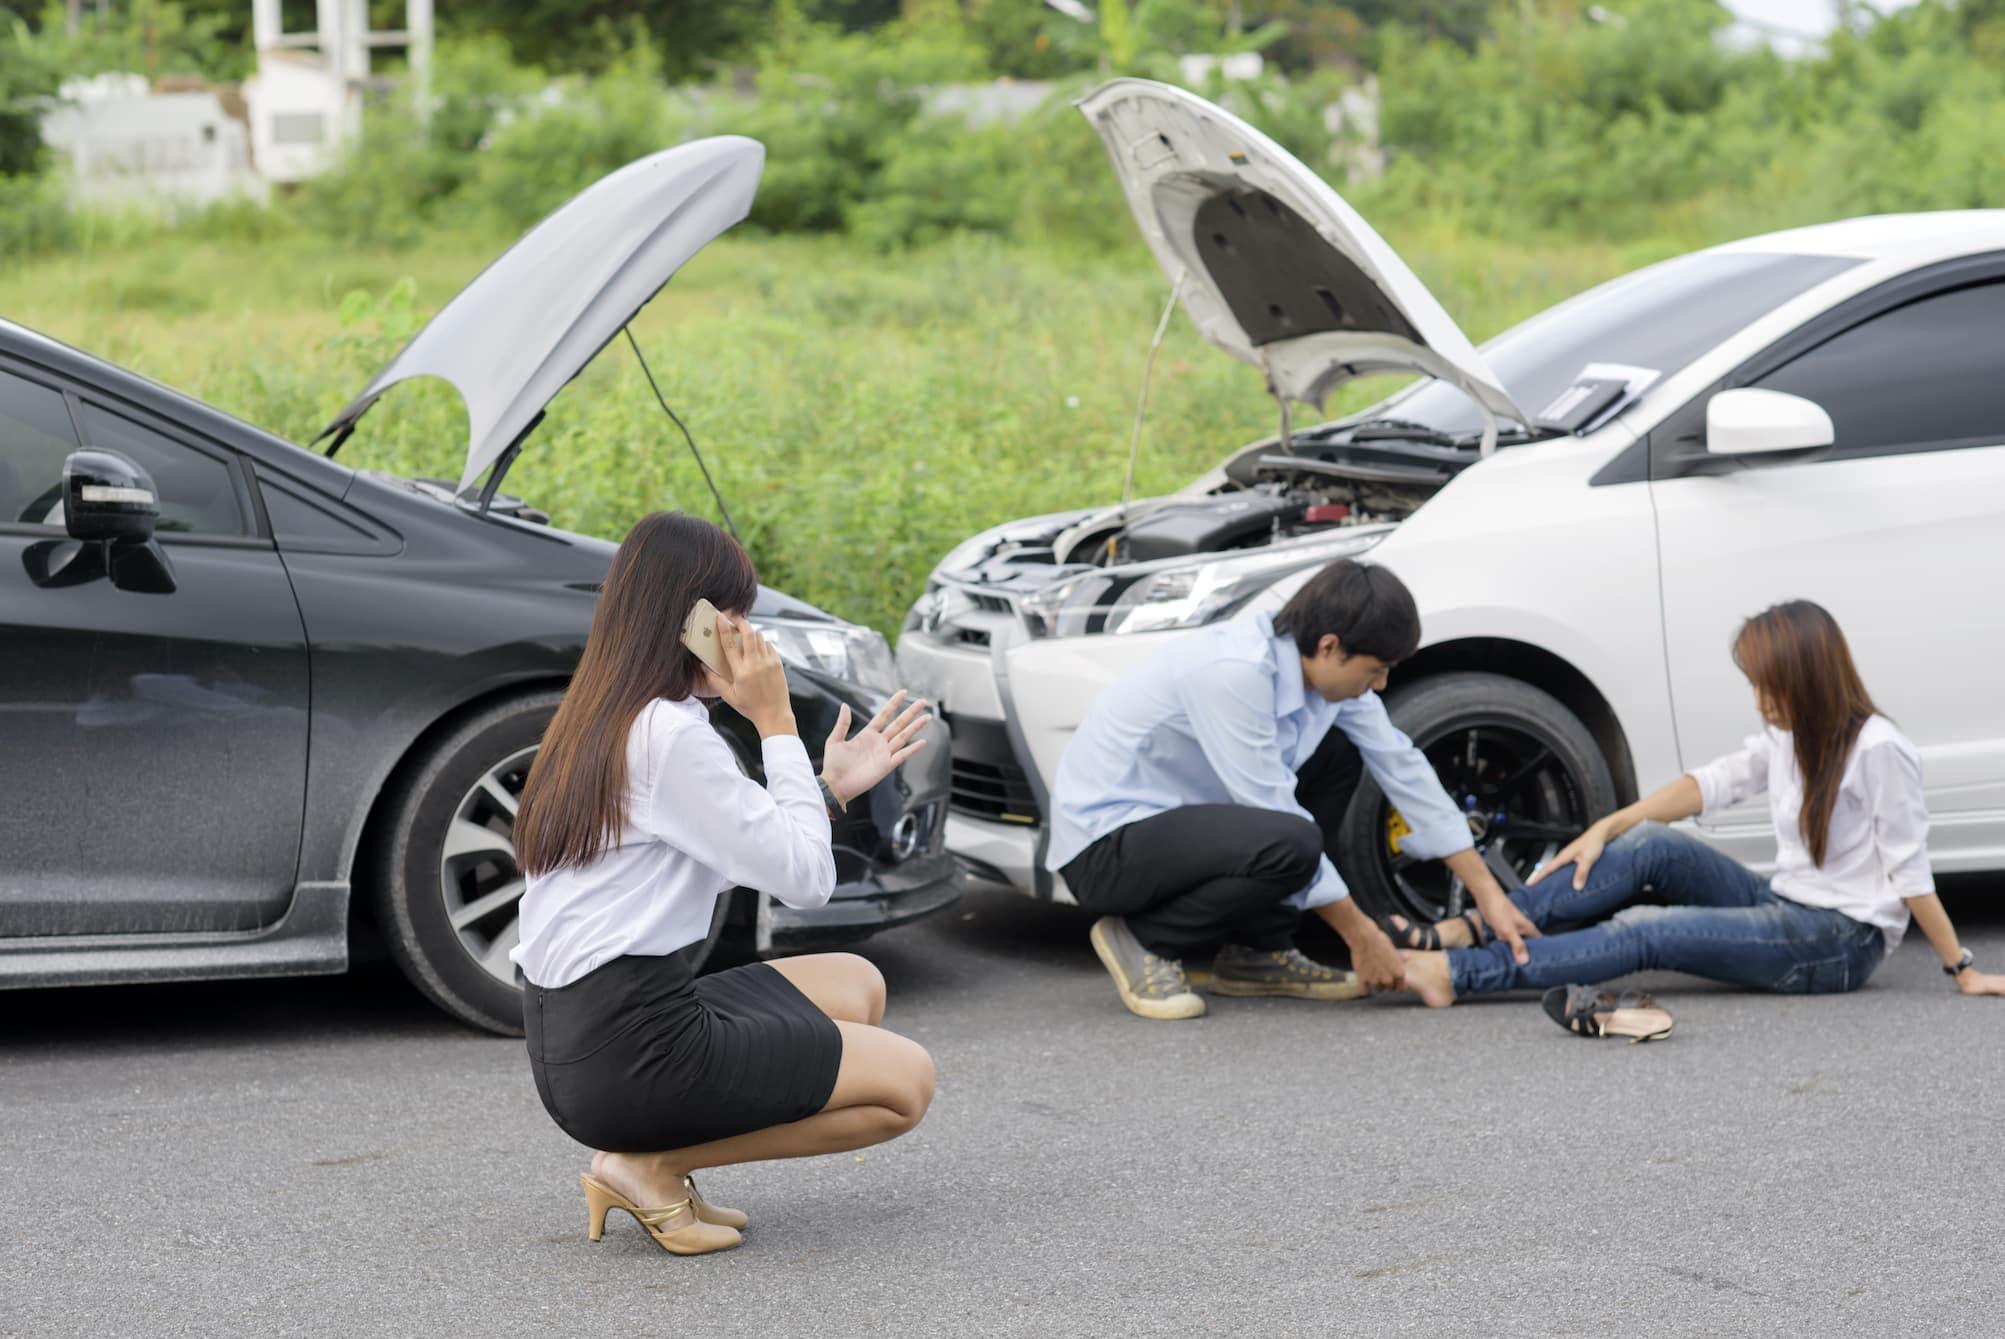 Как должен вести себя водитель, участник ДТП